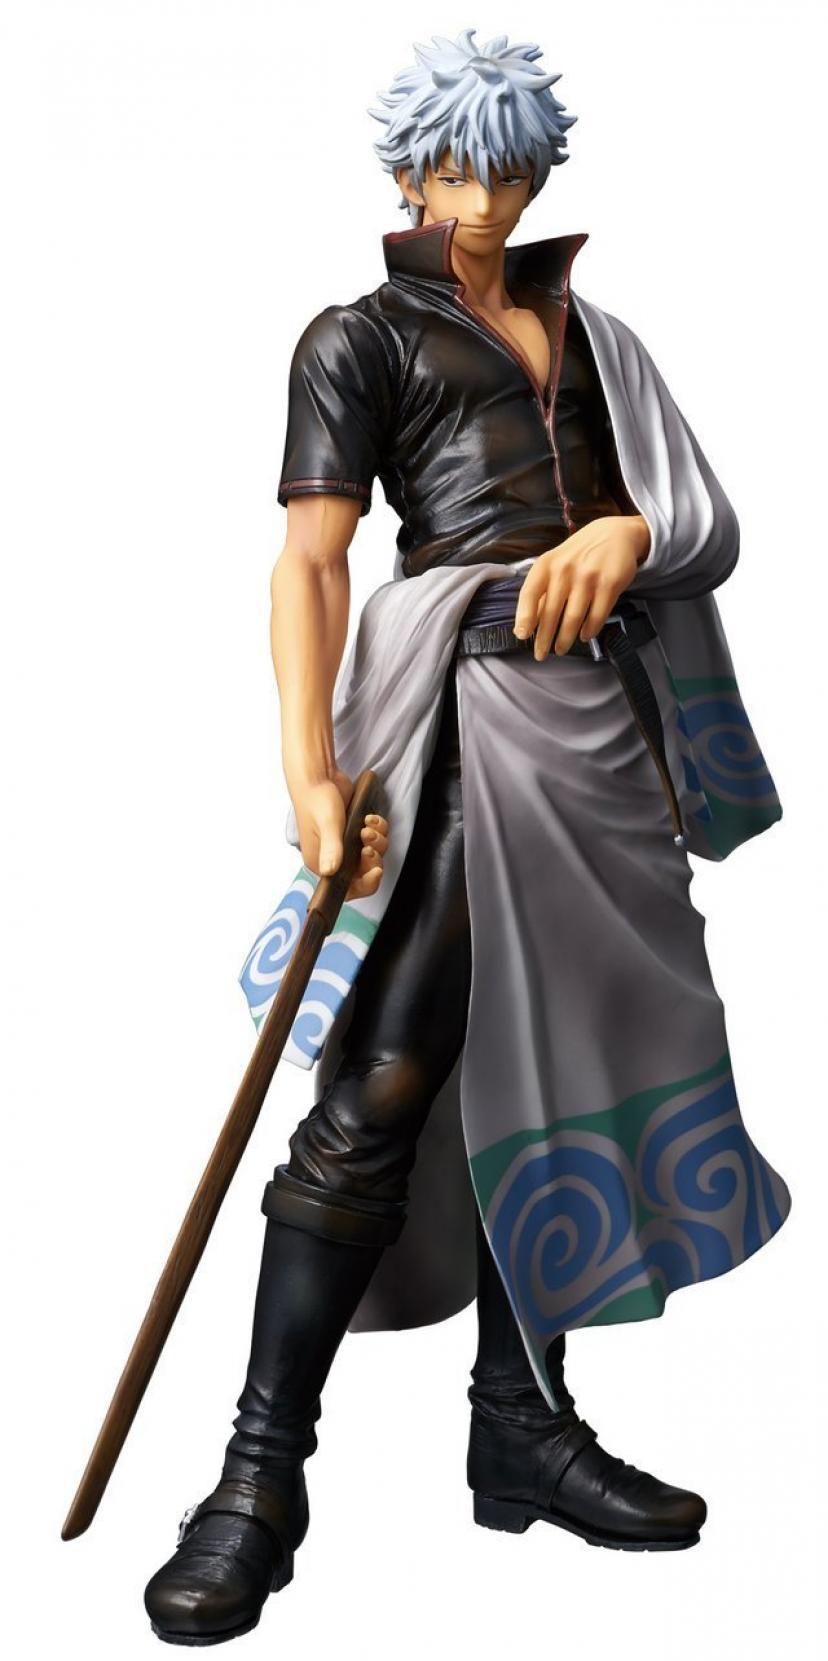 坂田銀時、『銀魂』のかっこいい絶対的主人公に迫る9のこと【モデルは金太郎!?】